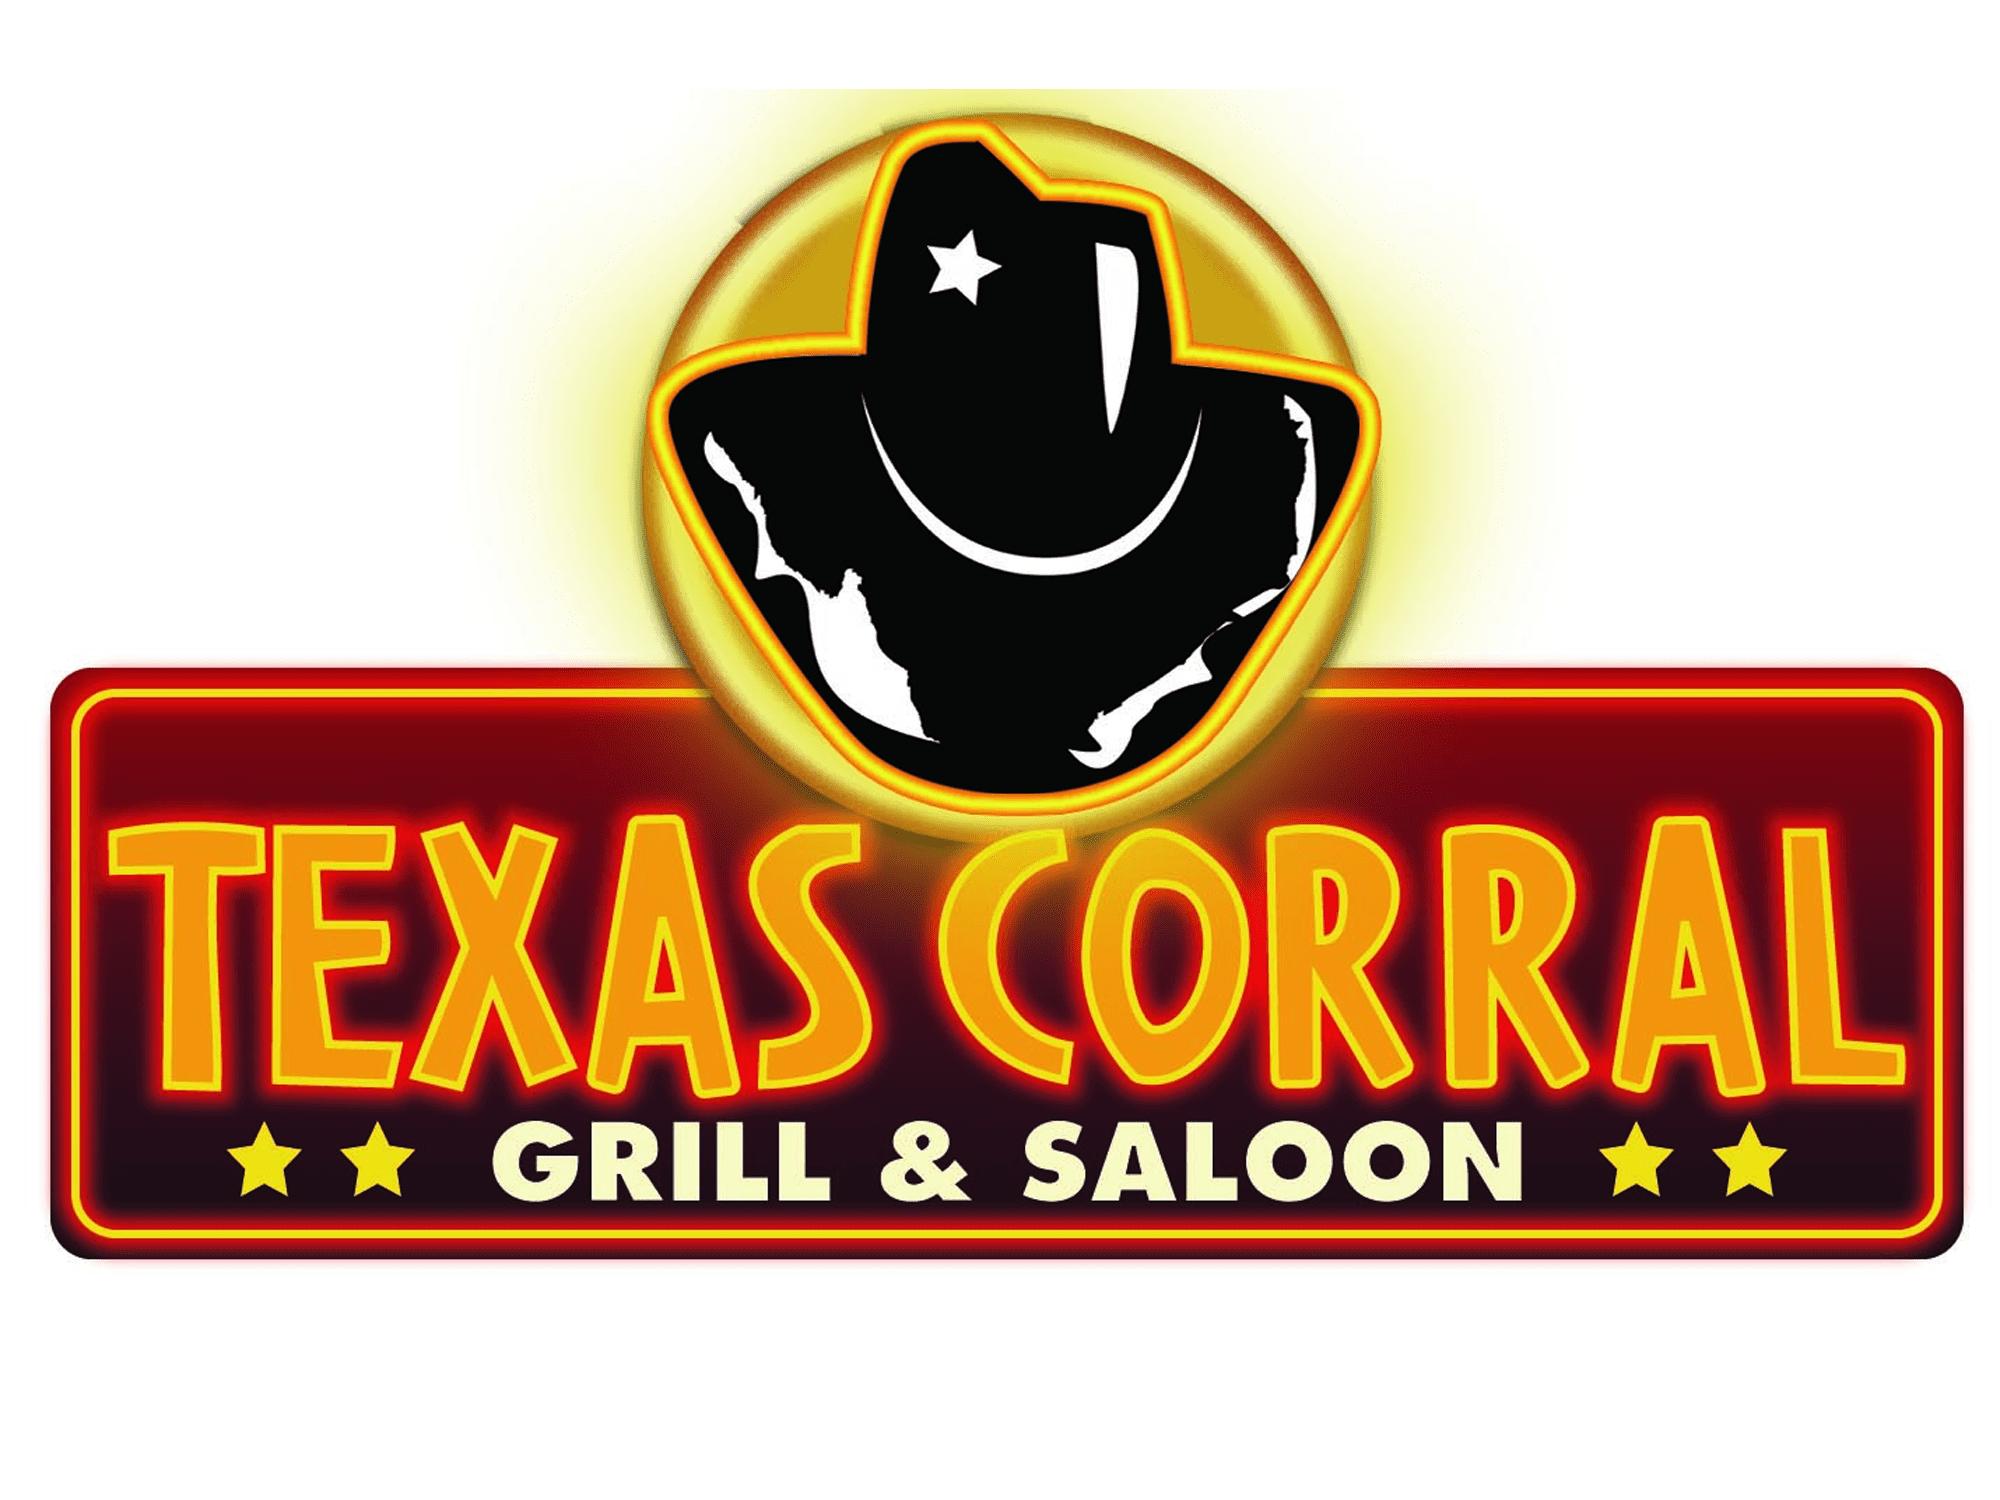 Texas Corral logo